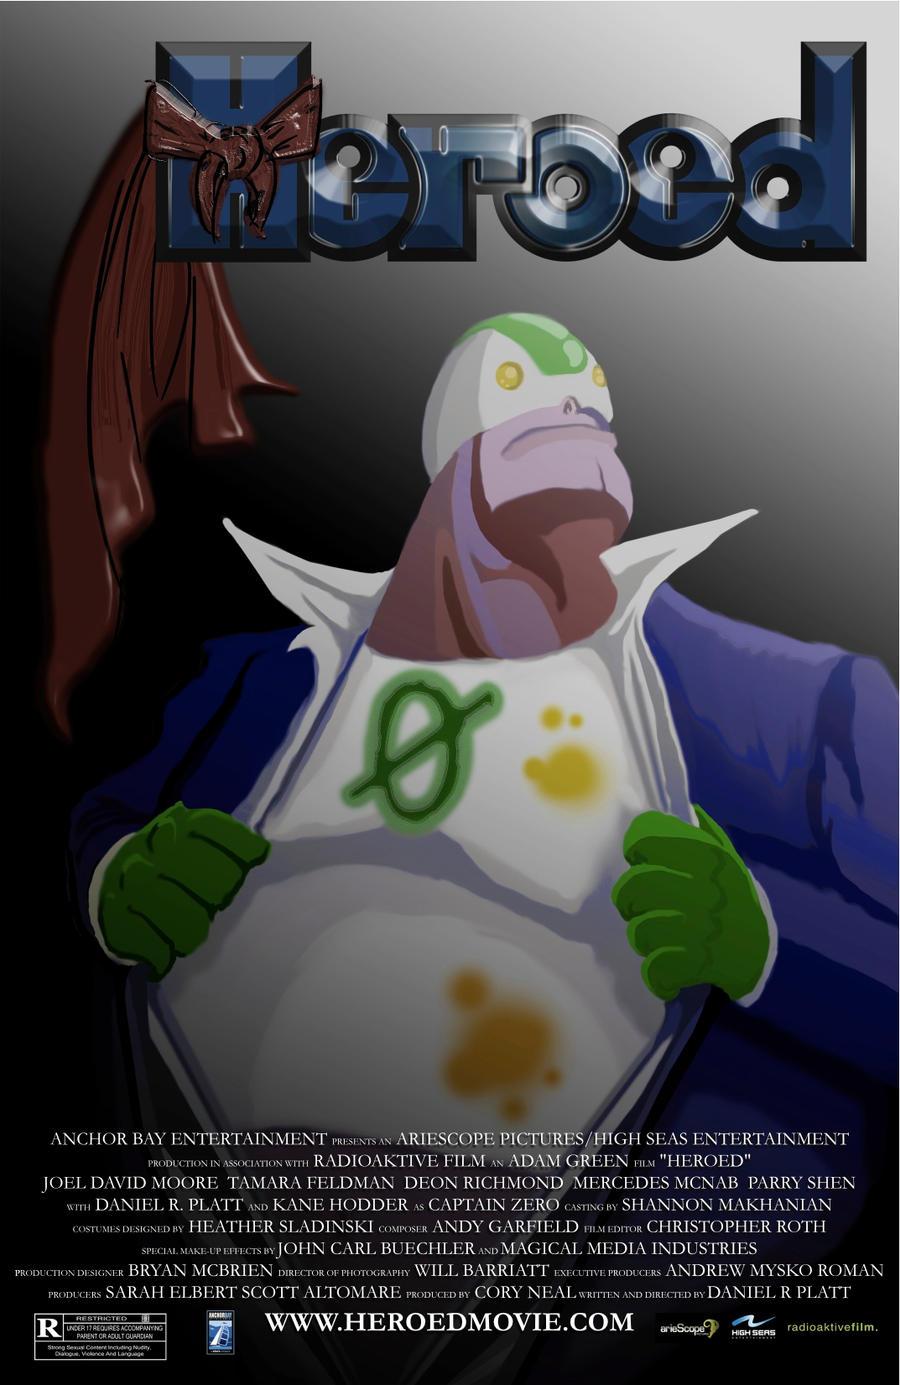 Heroed Movie Poster by dippydude